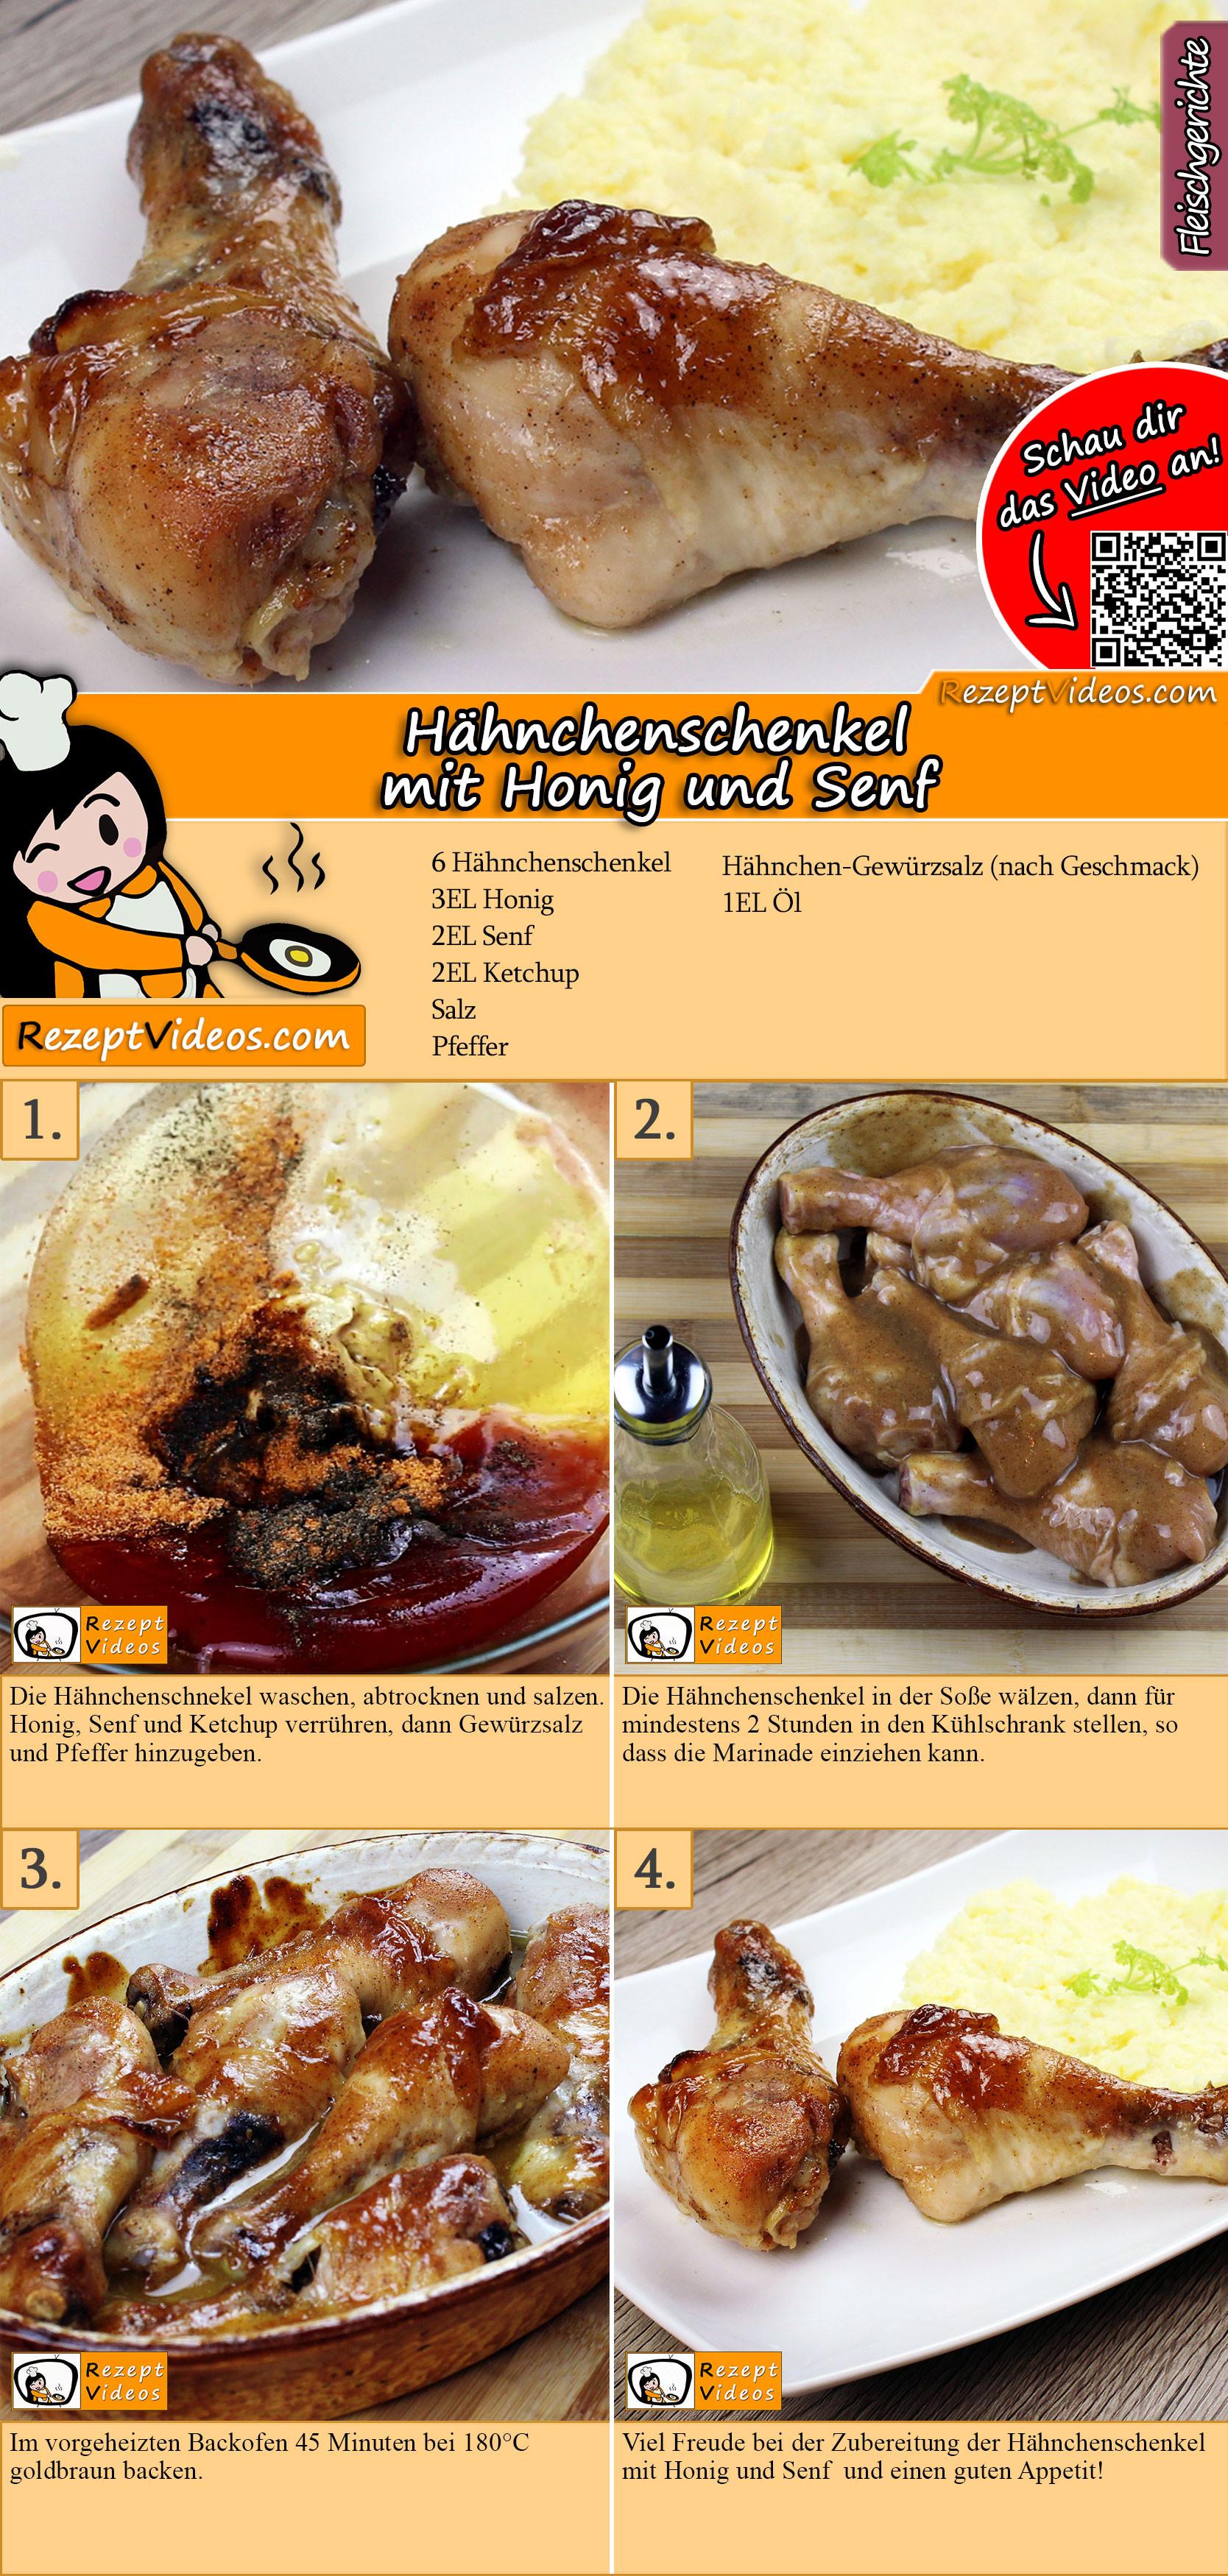 Hähnchenschenkel mit Honig und Senf Rezept mit Video